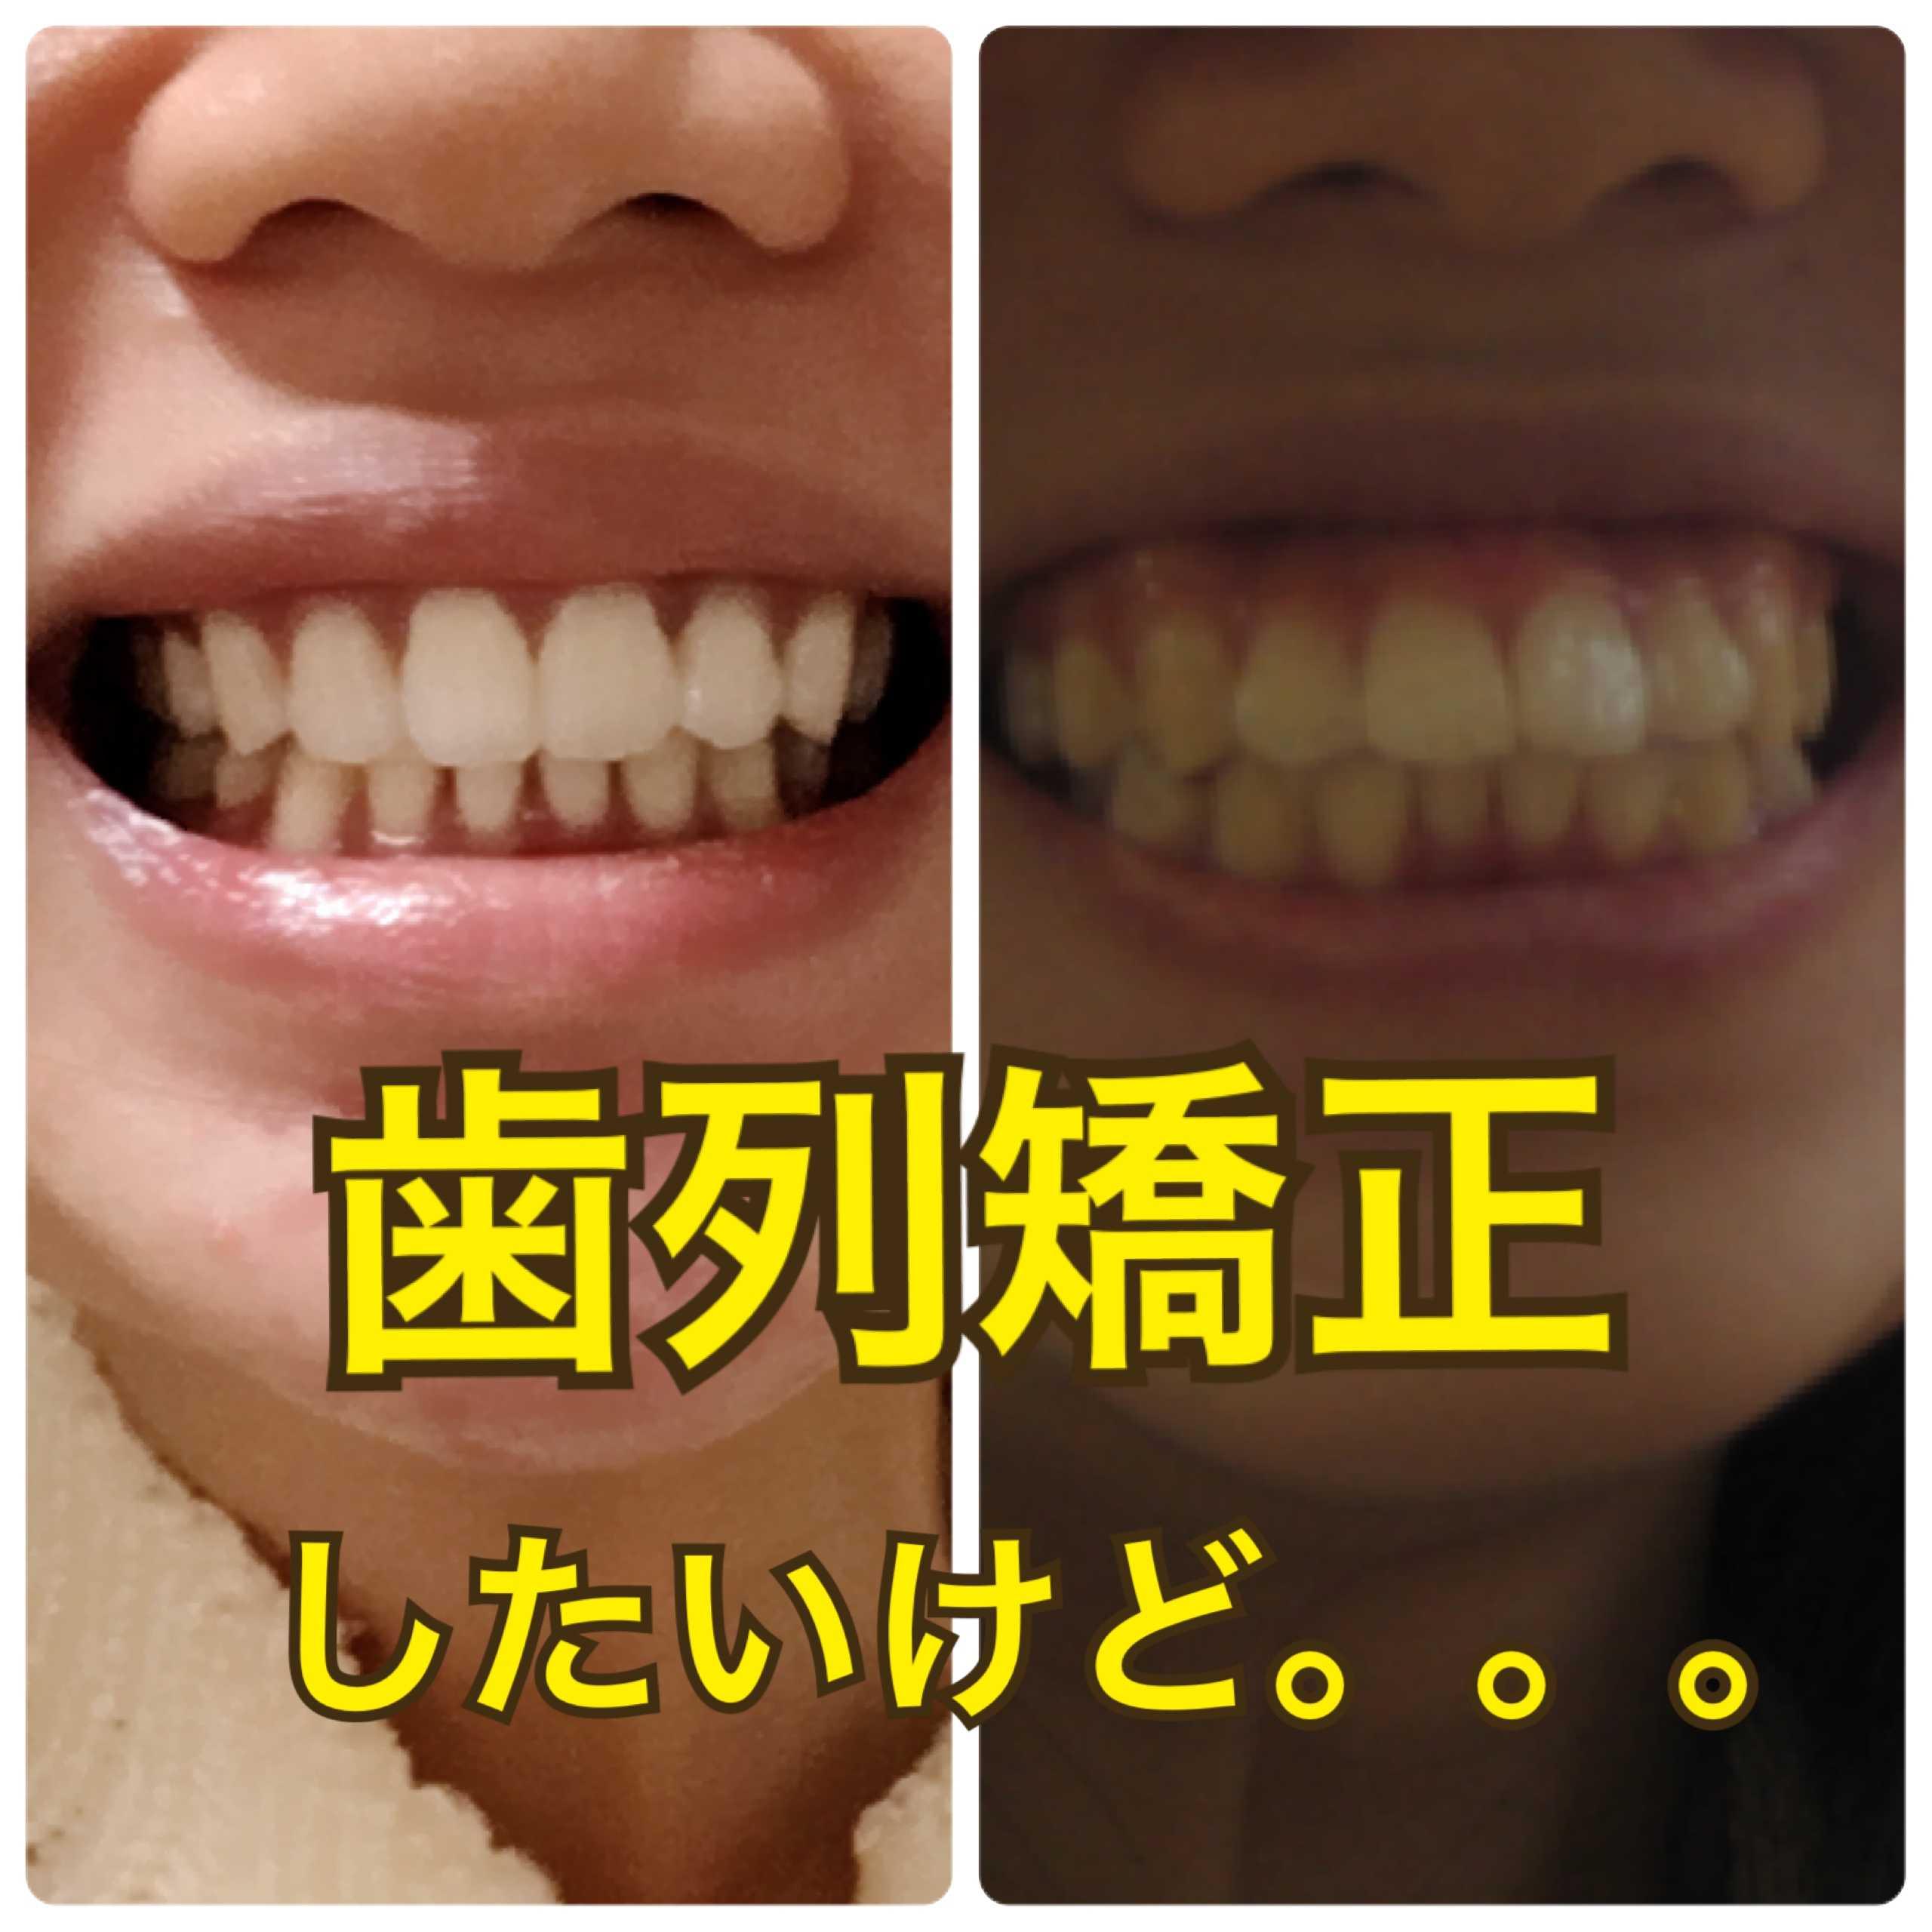 矯正 まあ た そ マウスピース矯正(インビザライン)なら青山アール矯正歯科 東京・大阪